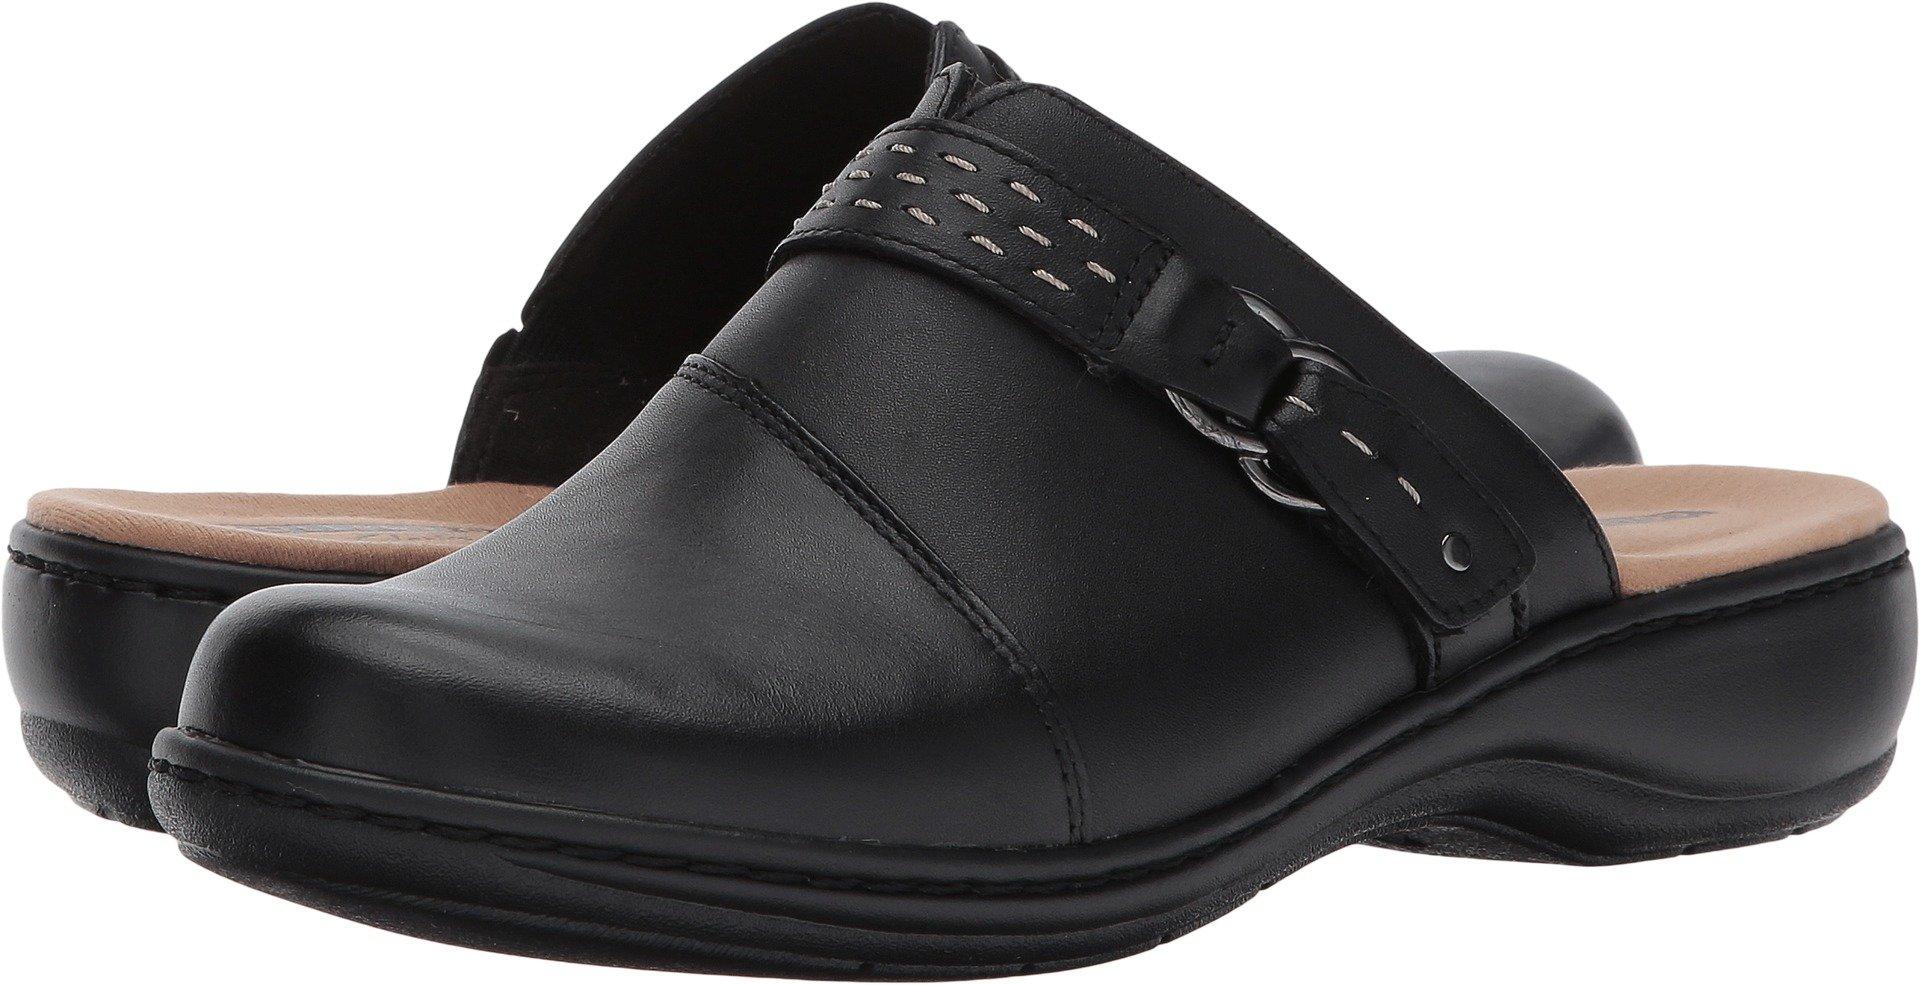 CLARKS Women's Leisa Sadie Mule, Black Leather, 9 M US